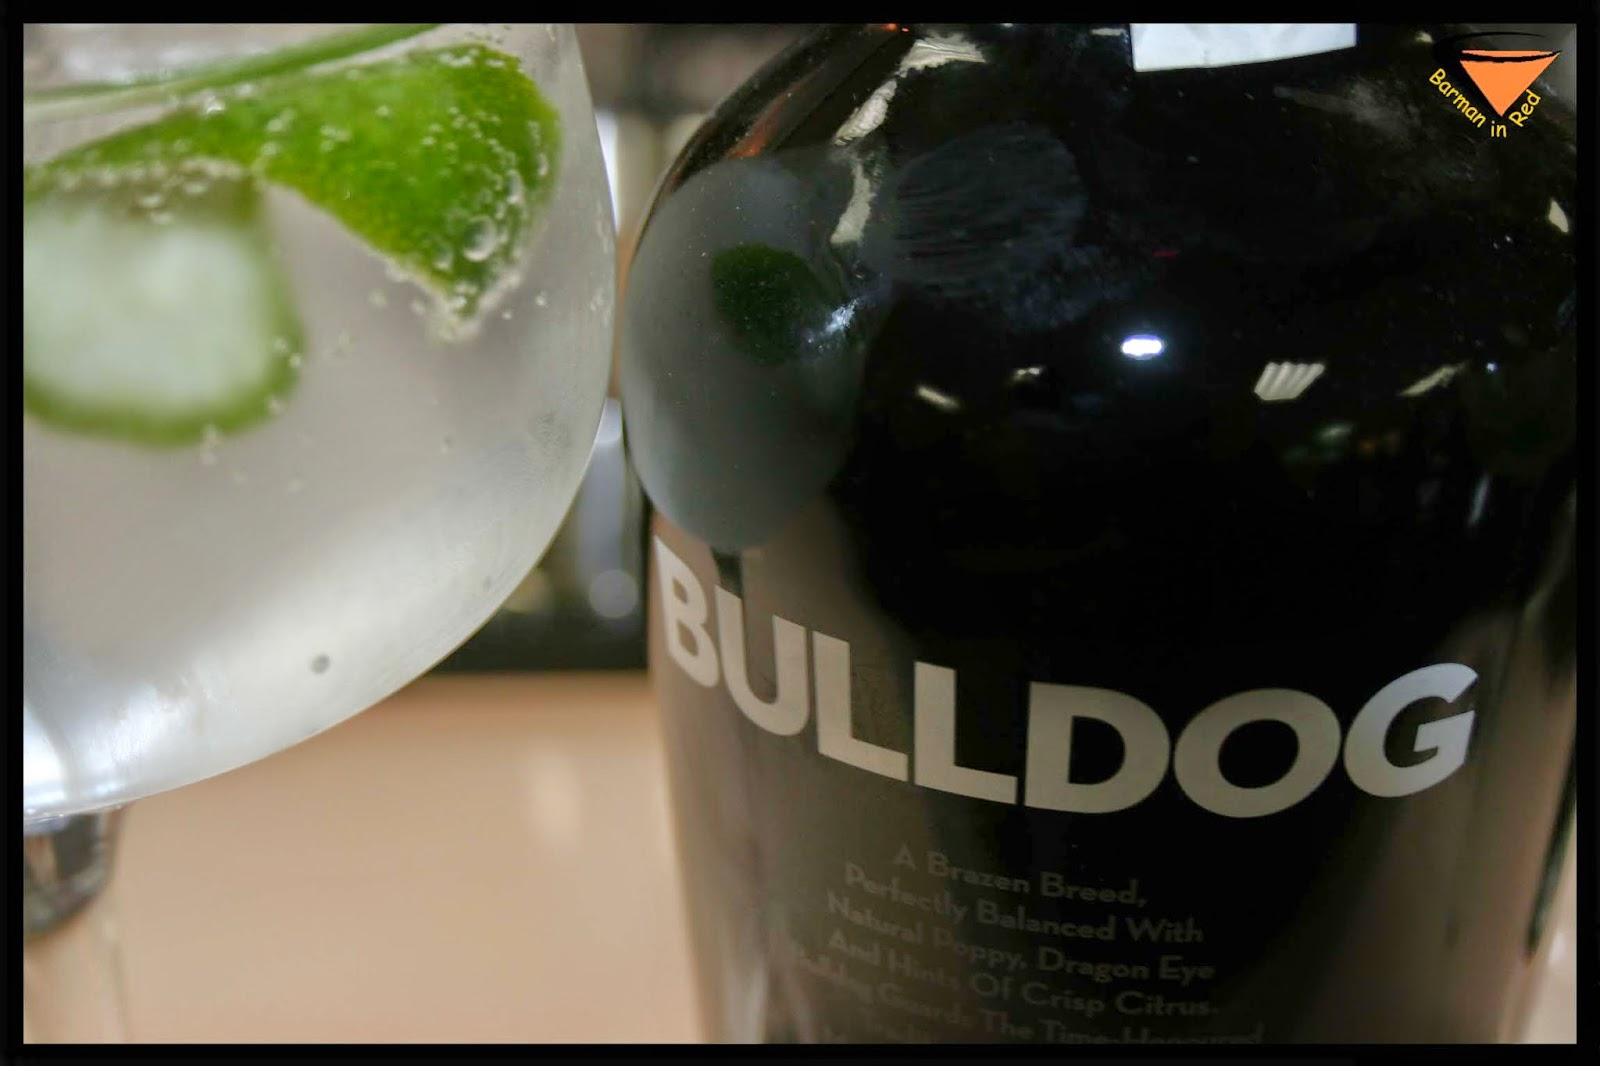 Bulldog Gin